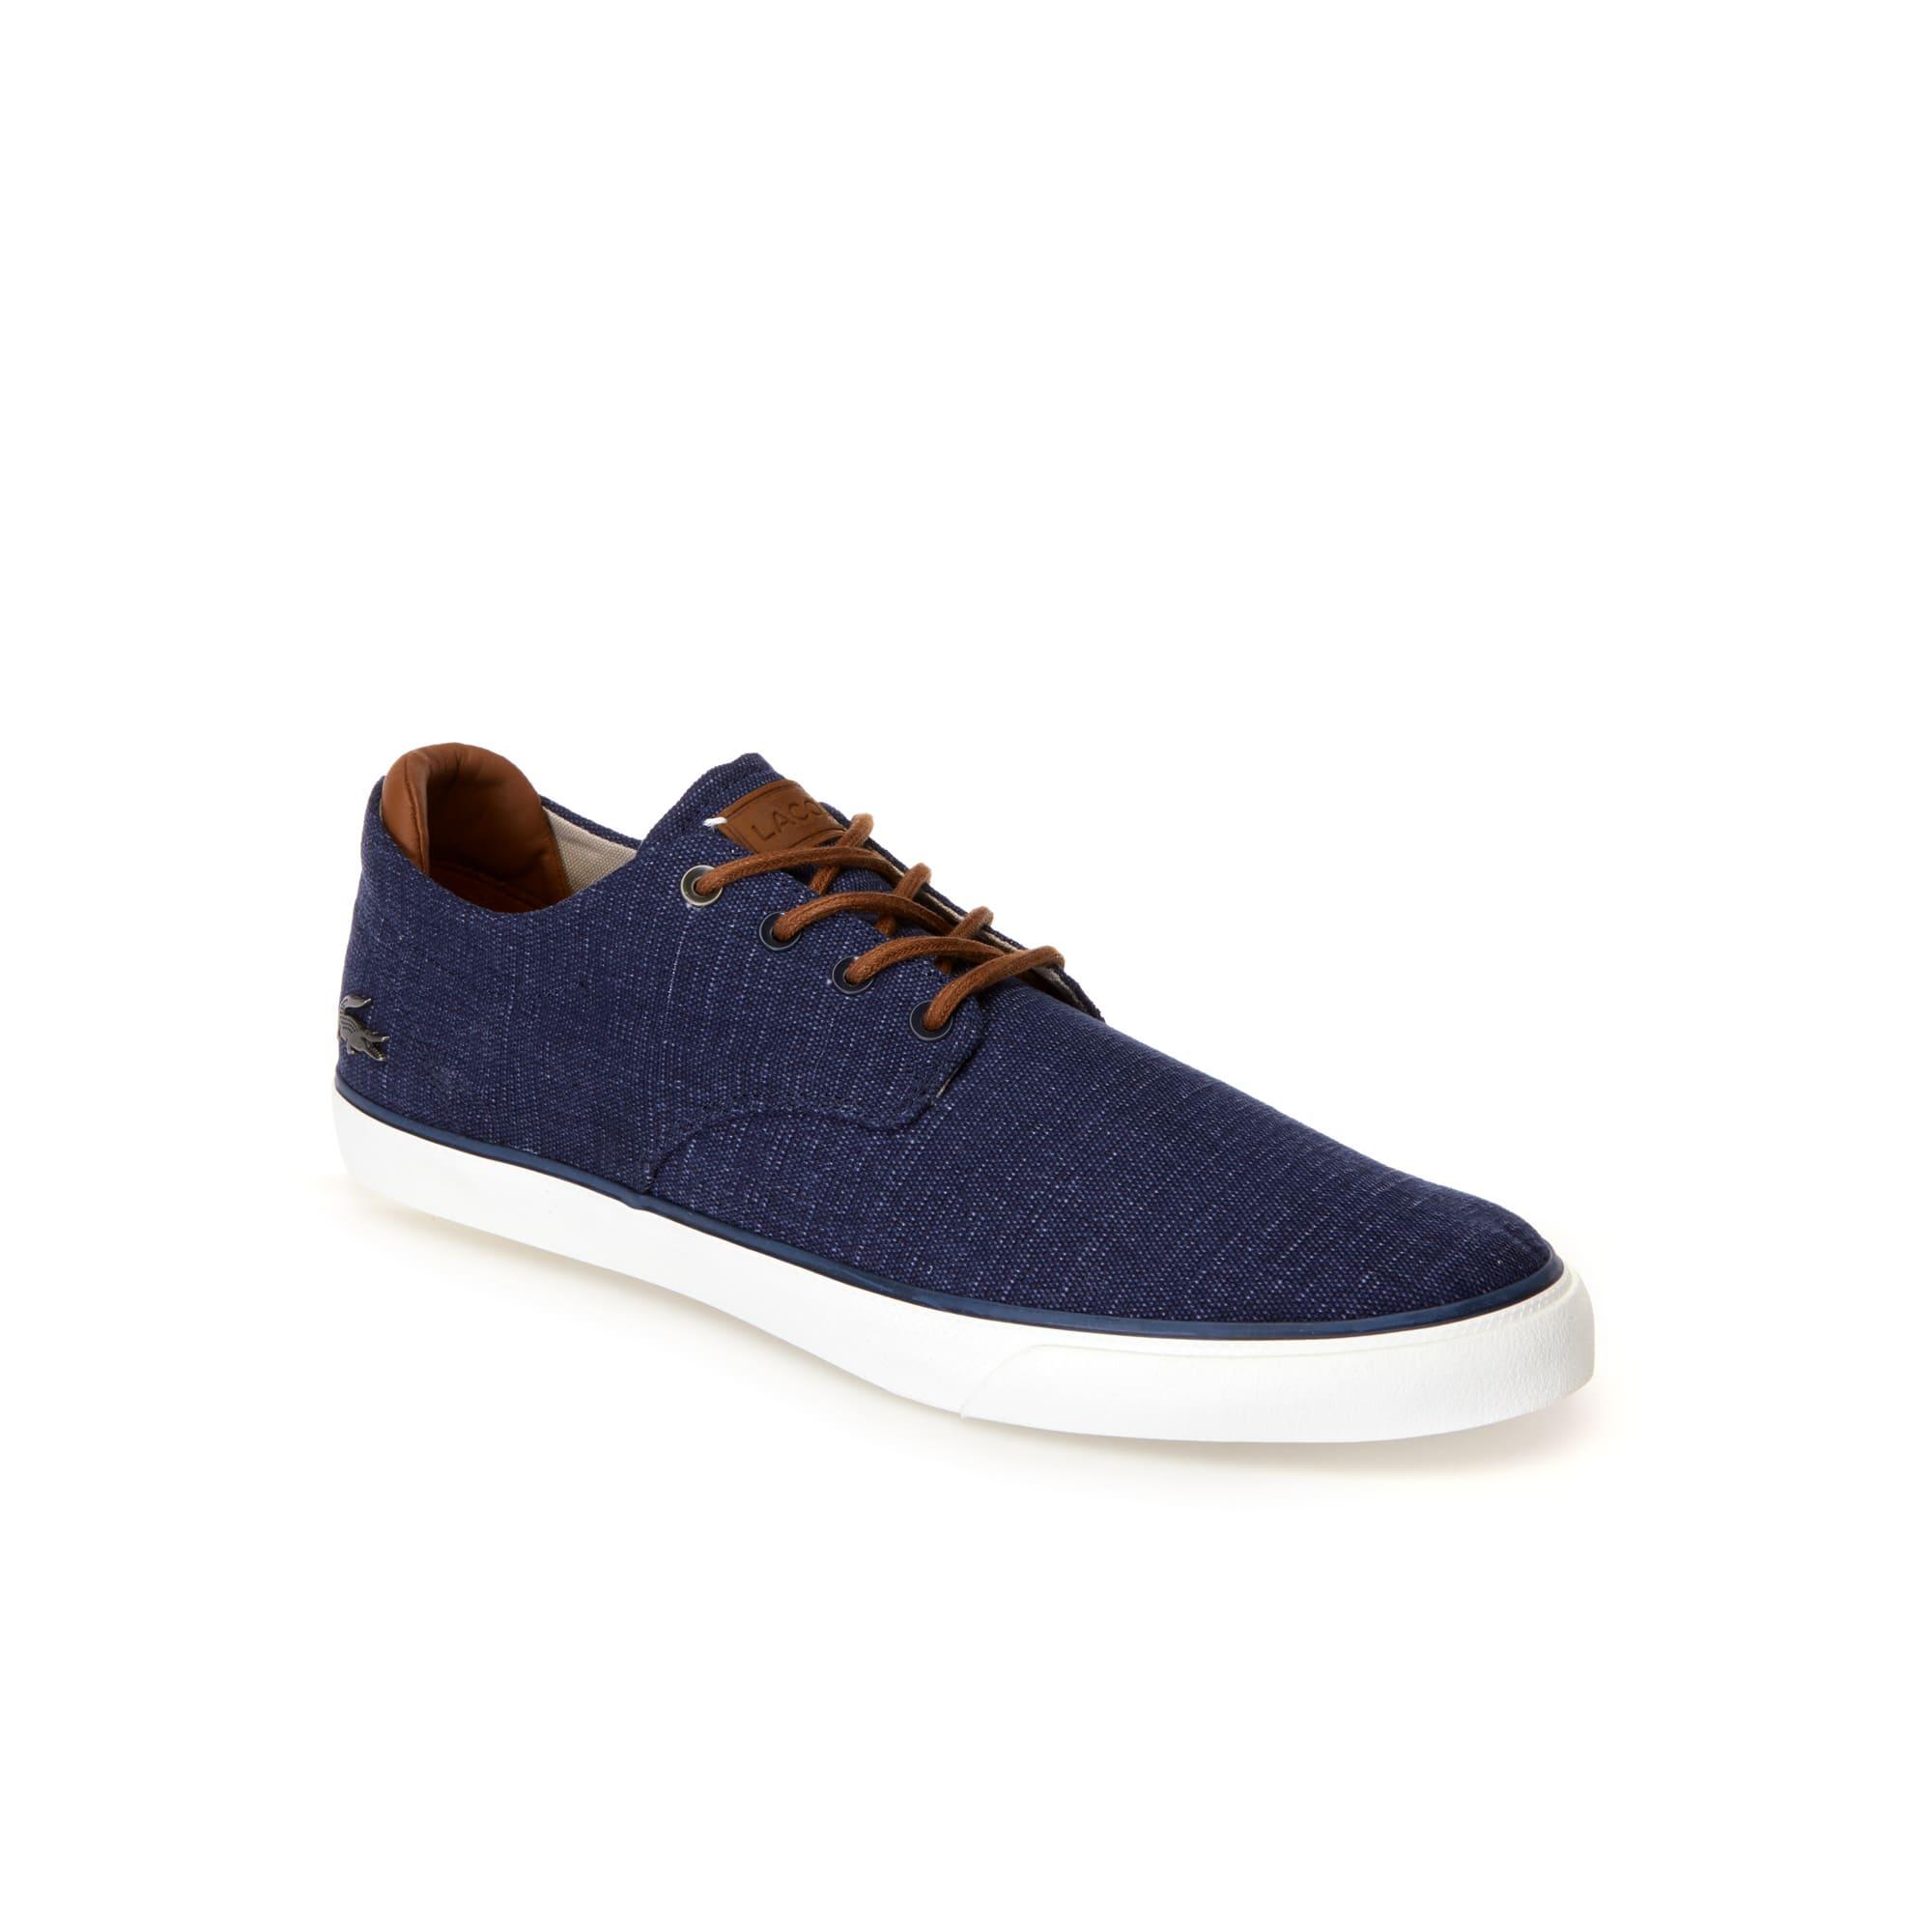 Herren-Sneakers ESPARRE aus Canvas